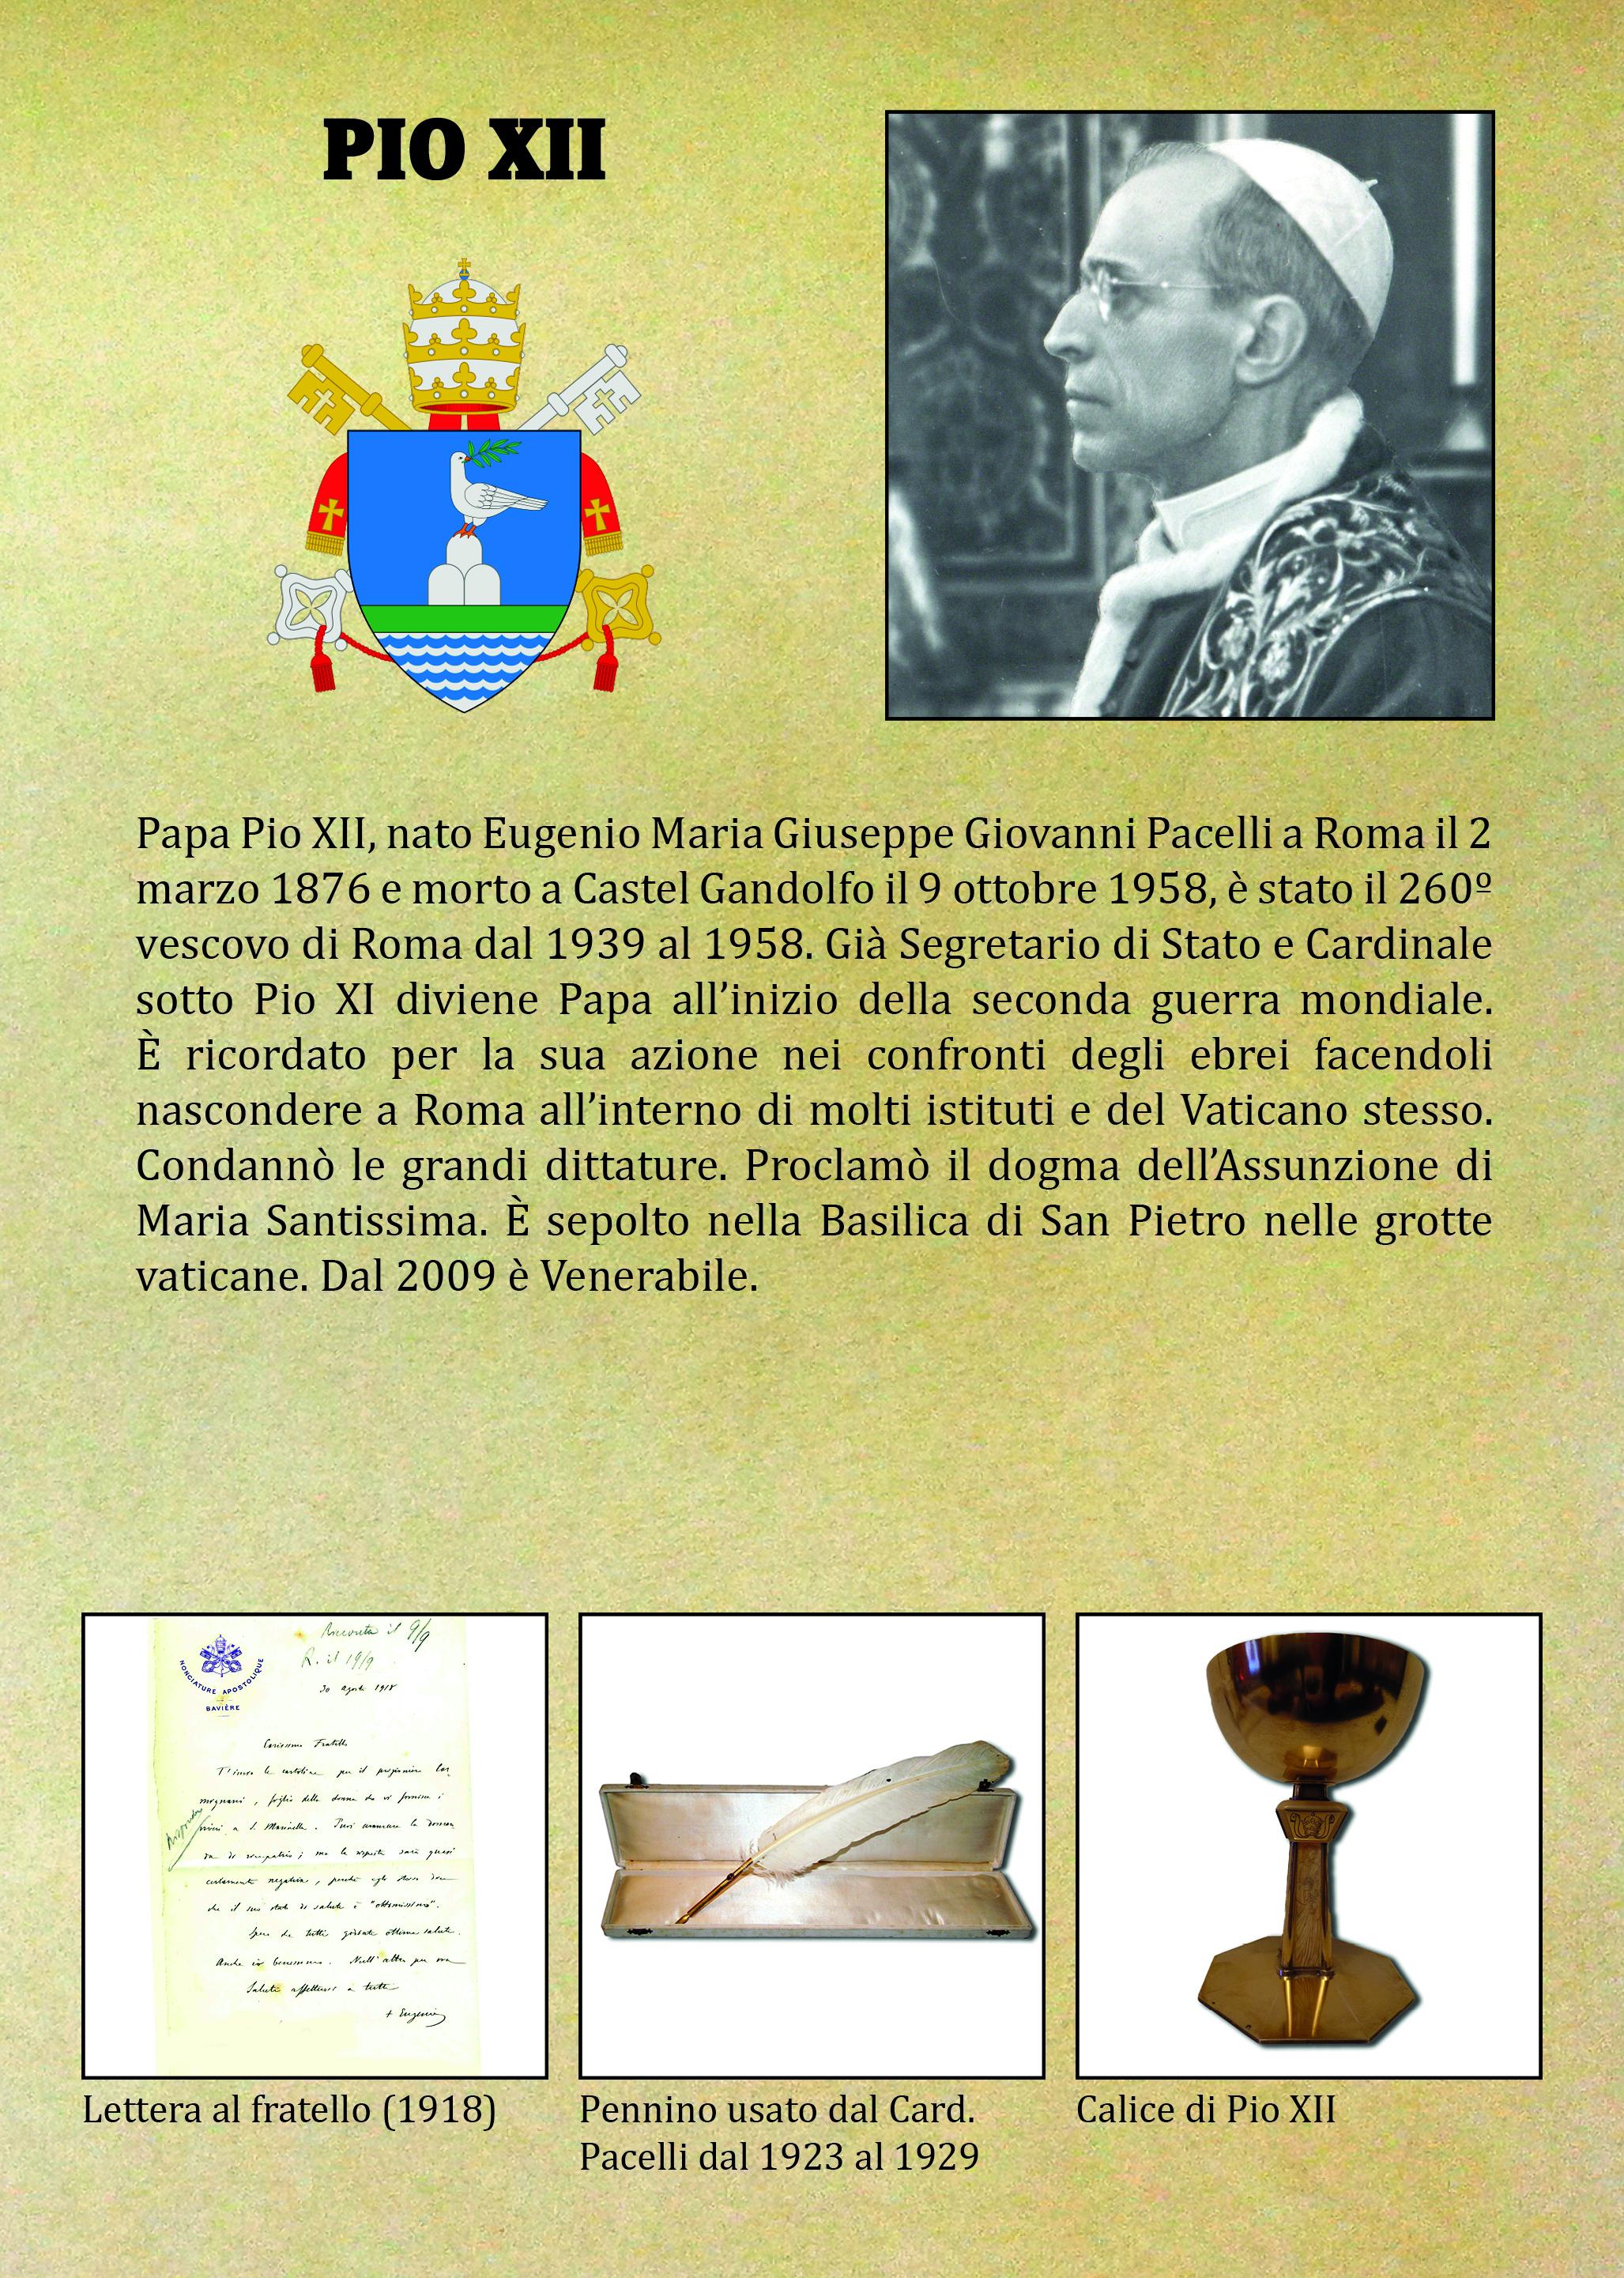 catalogo_mostra-_papi-_torino_pag9